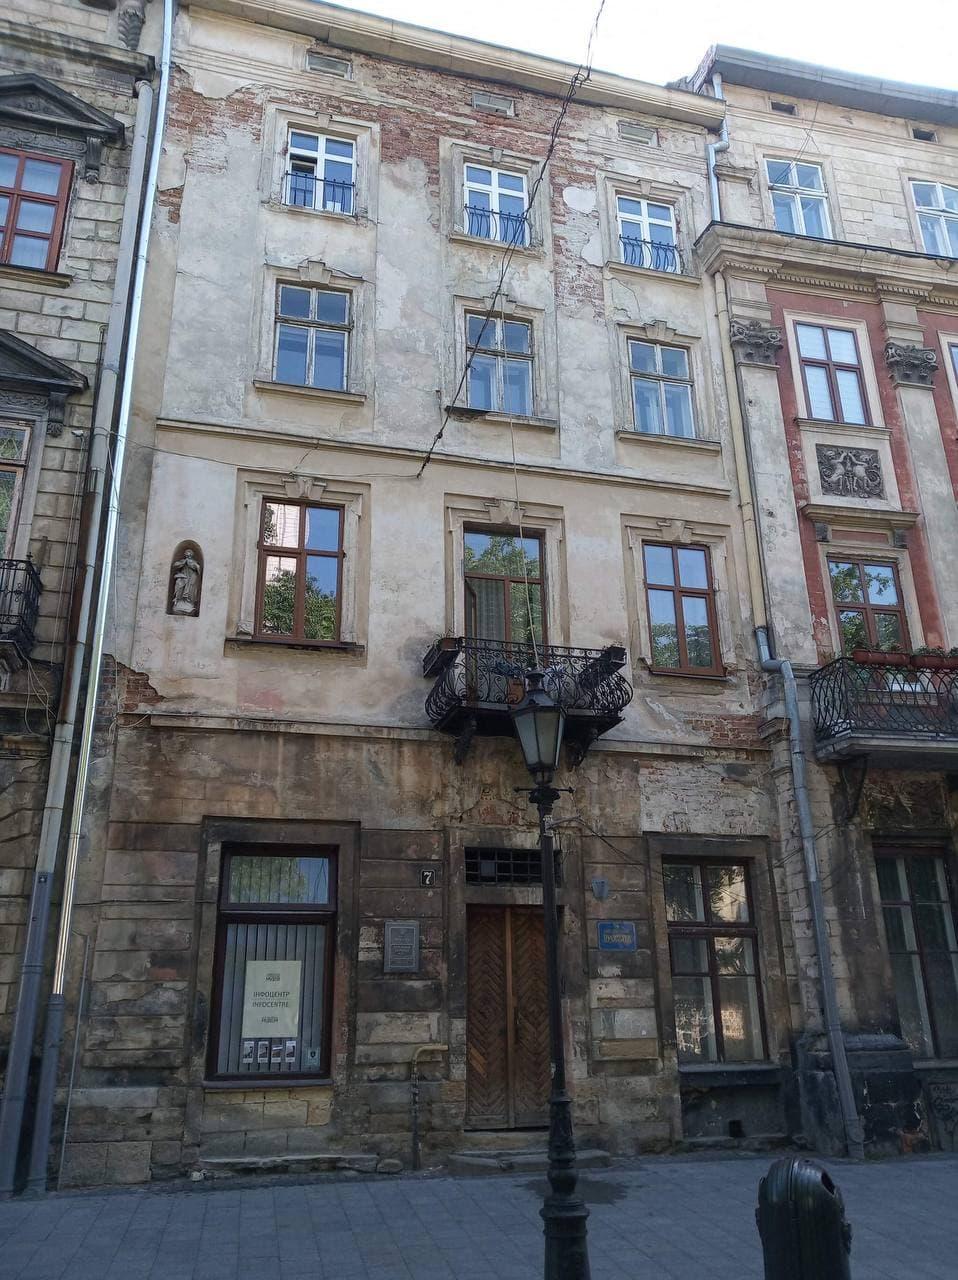 photo 2021 06 11 15 09 00 - У Львові відновлять фасад кам'яниці на площі Ринок